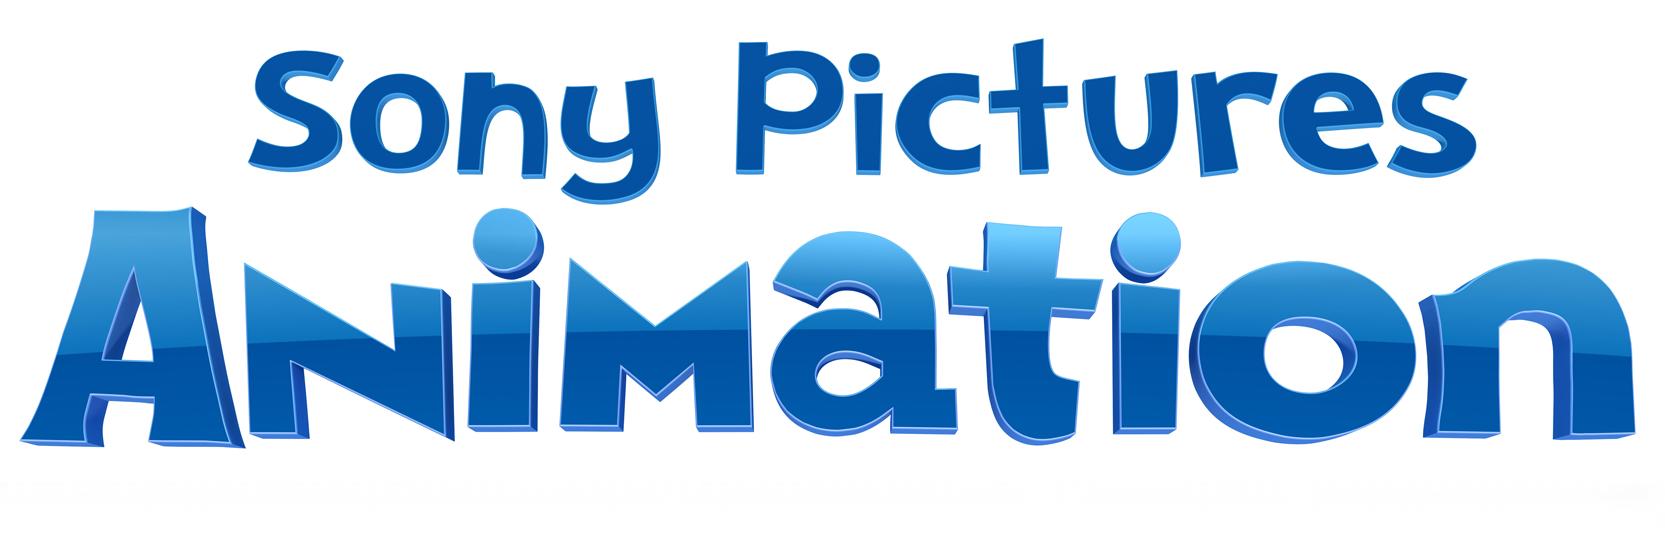 Quoi de neuf chez Sony Pictures Animation ?